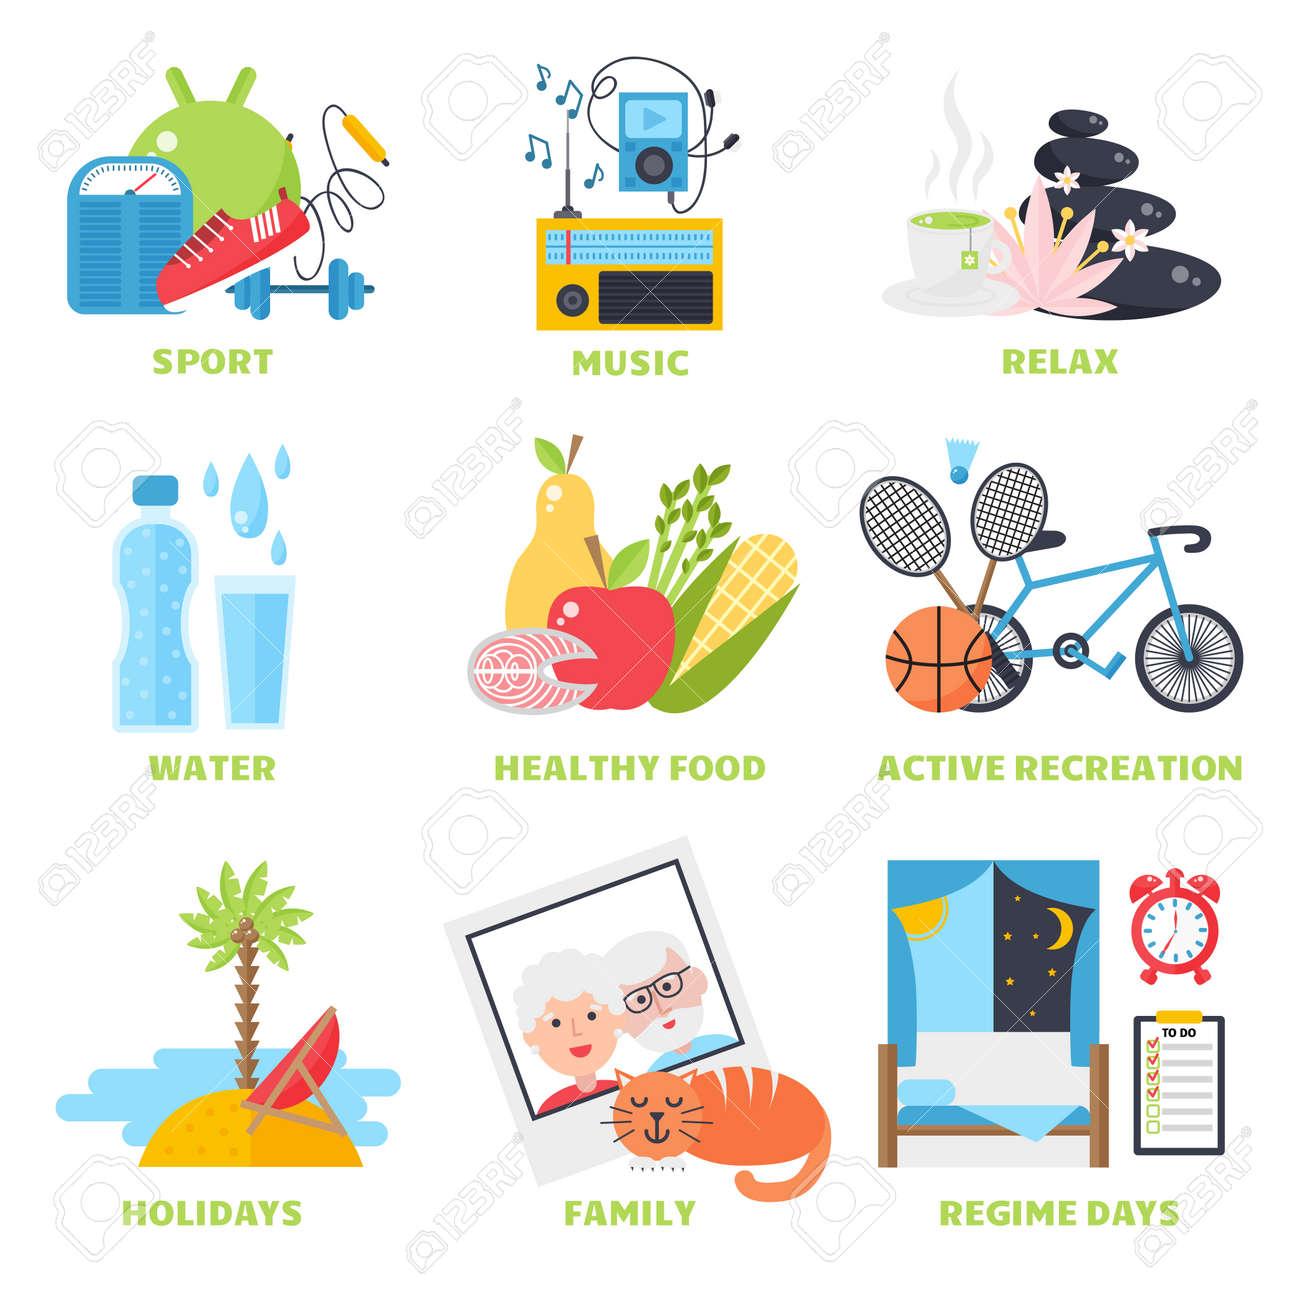 Dieta de una vida saludable